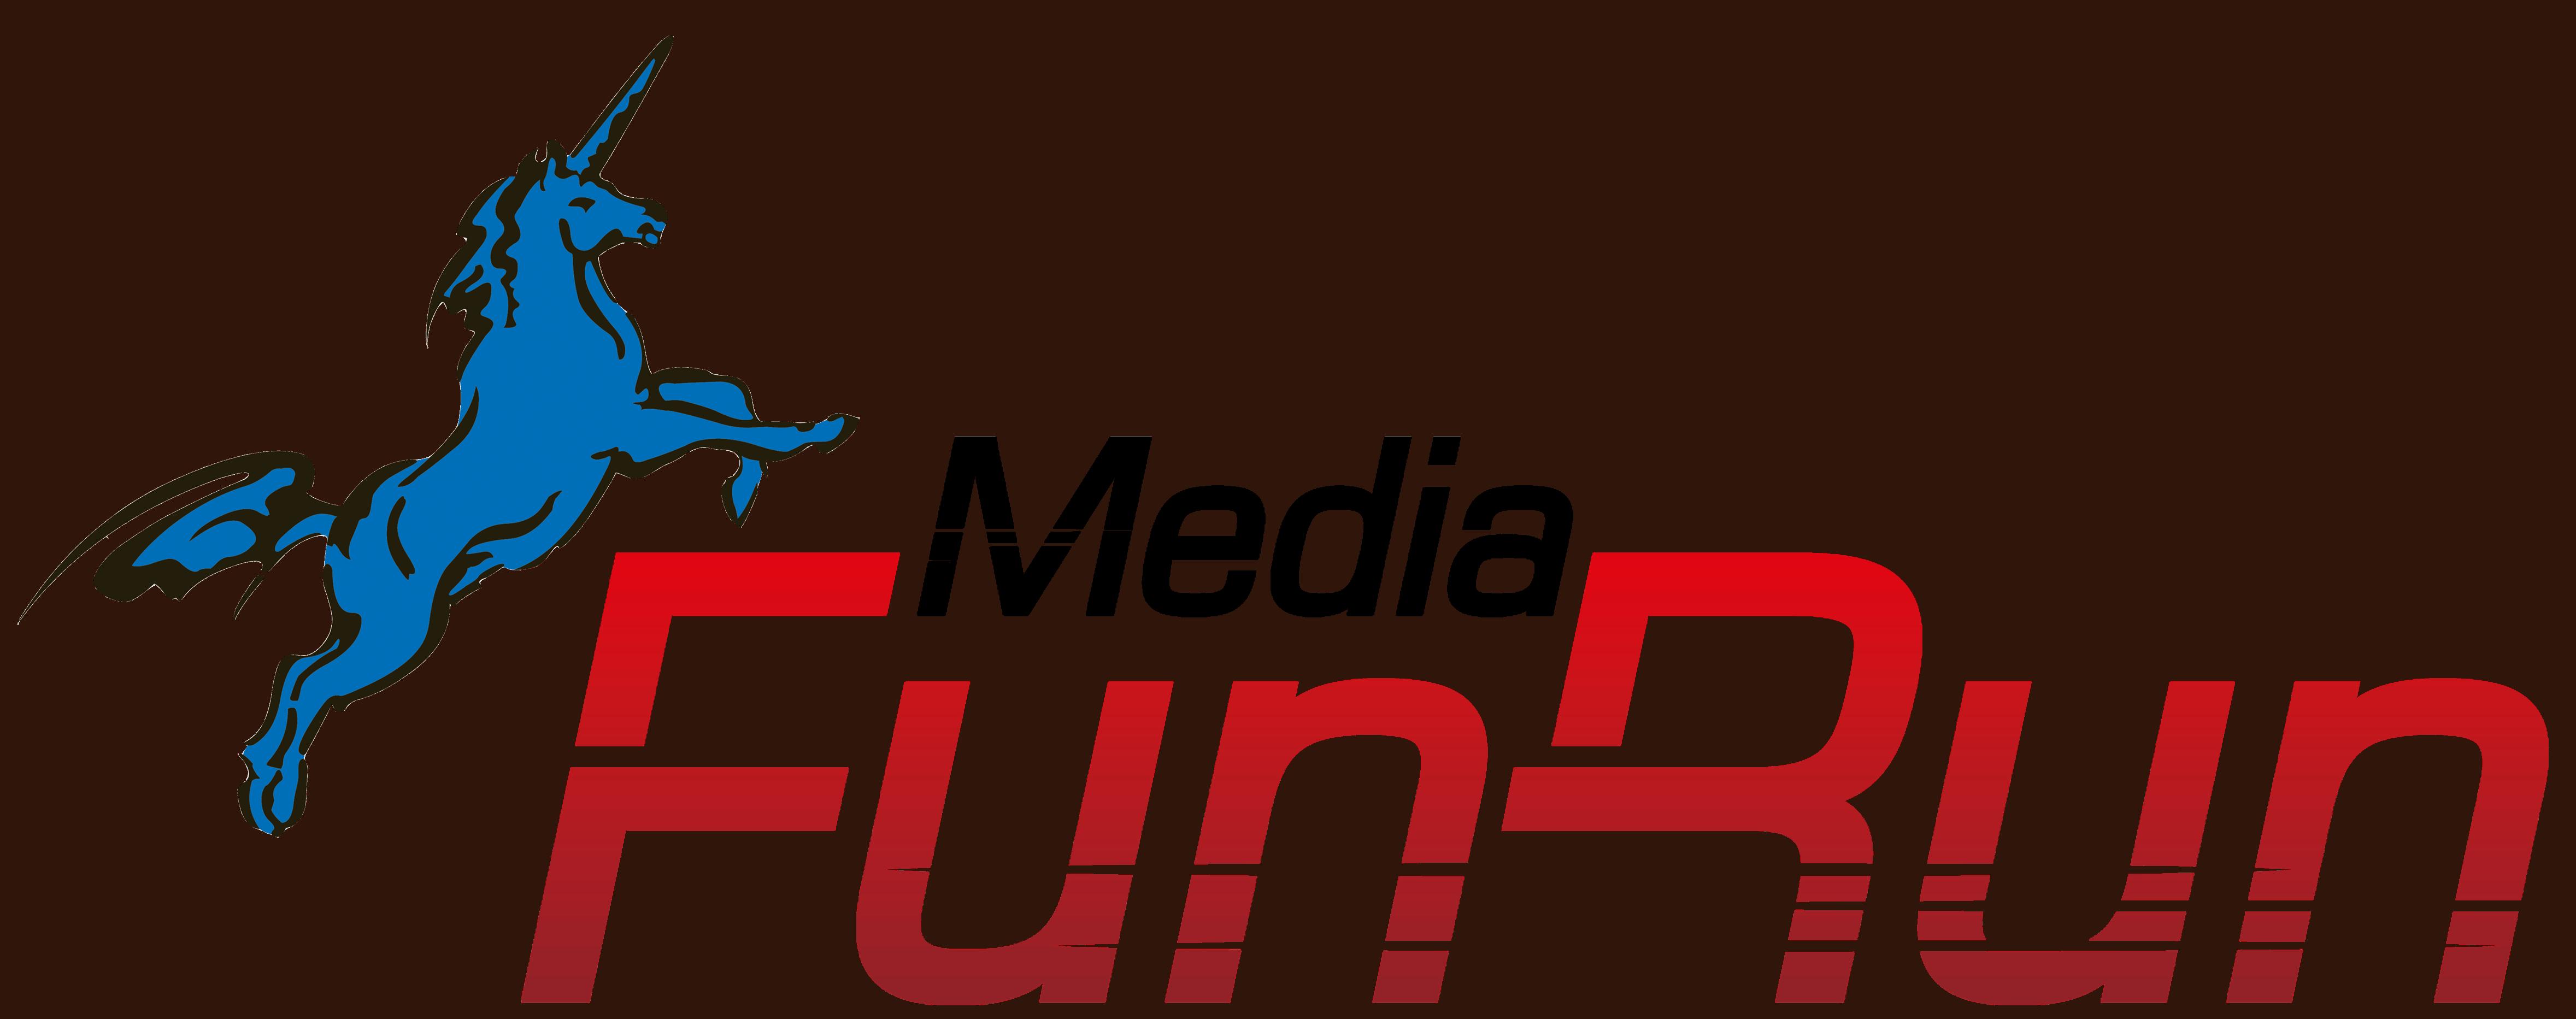 MIB-Logo-Final-Transparent-Rot_Zeichenfläche-1-Kopie